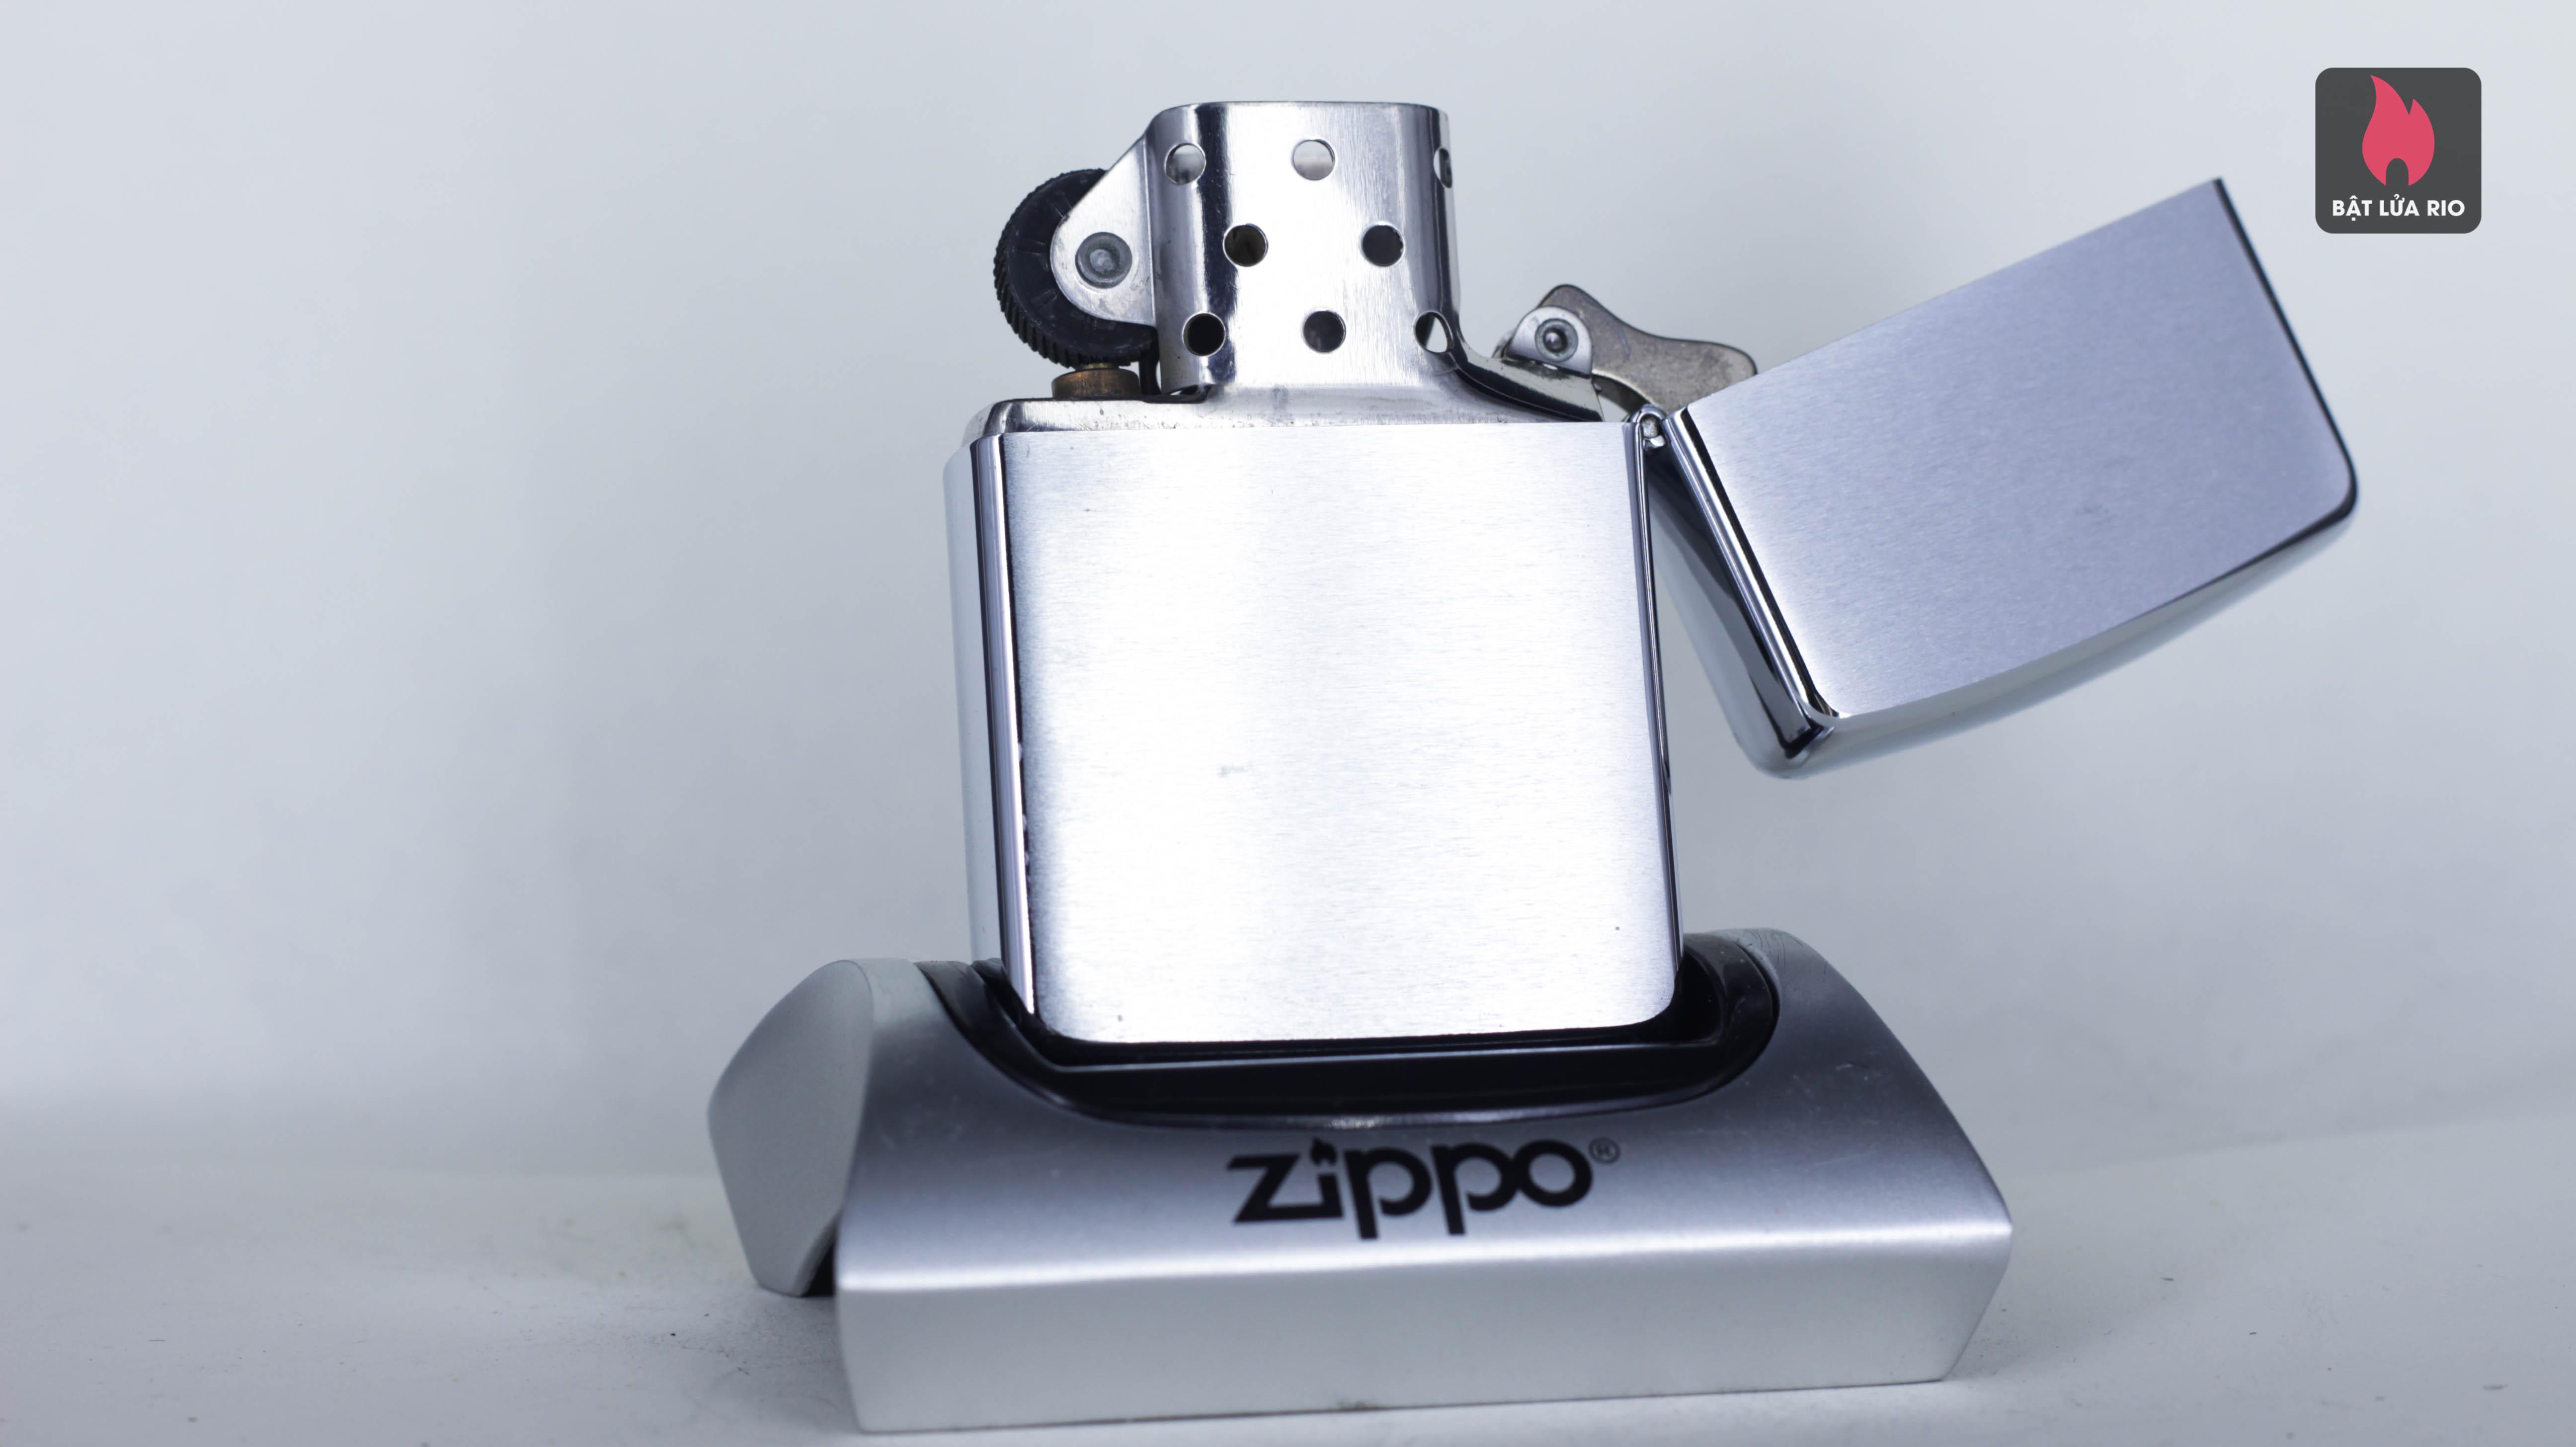 Zippo La Mã 1990 - Zippo Logo 6